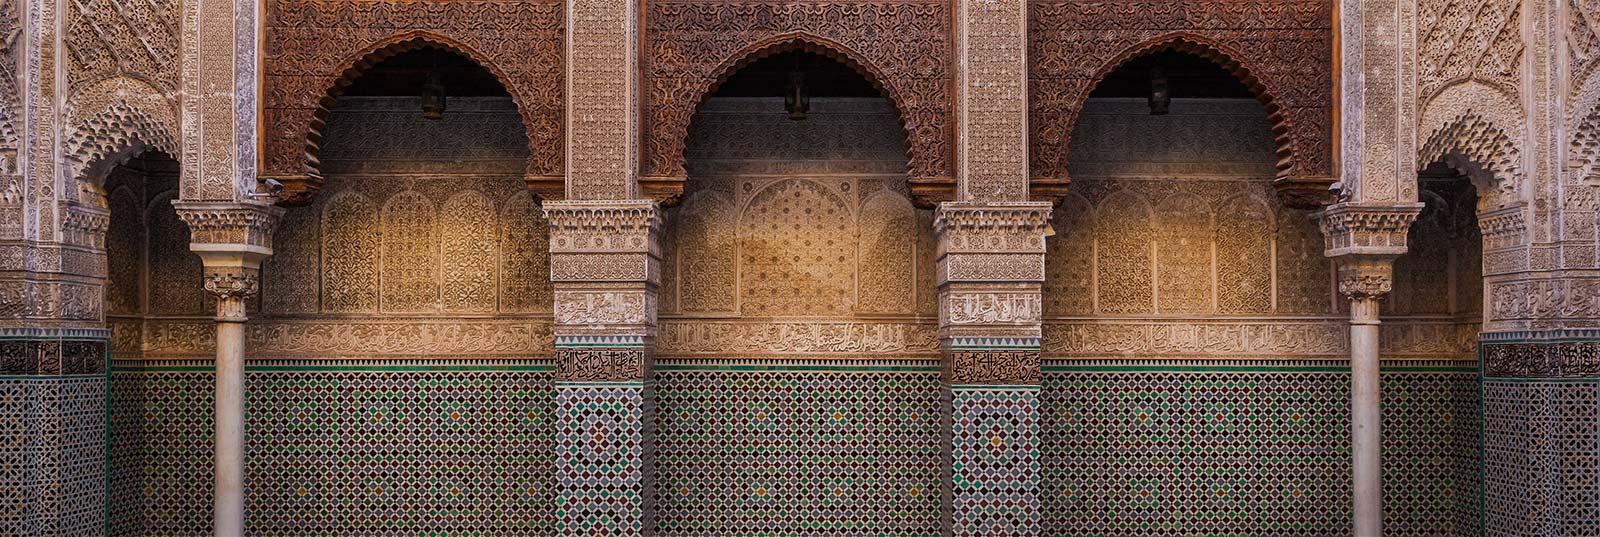 Guía turística de Fez